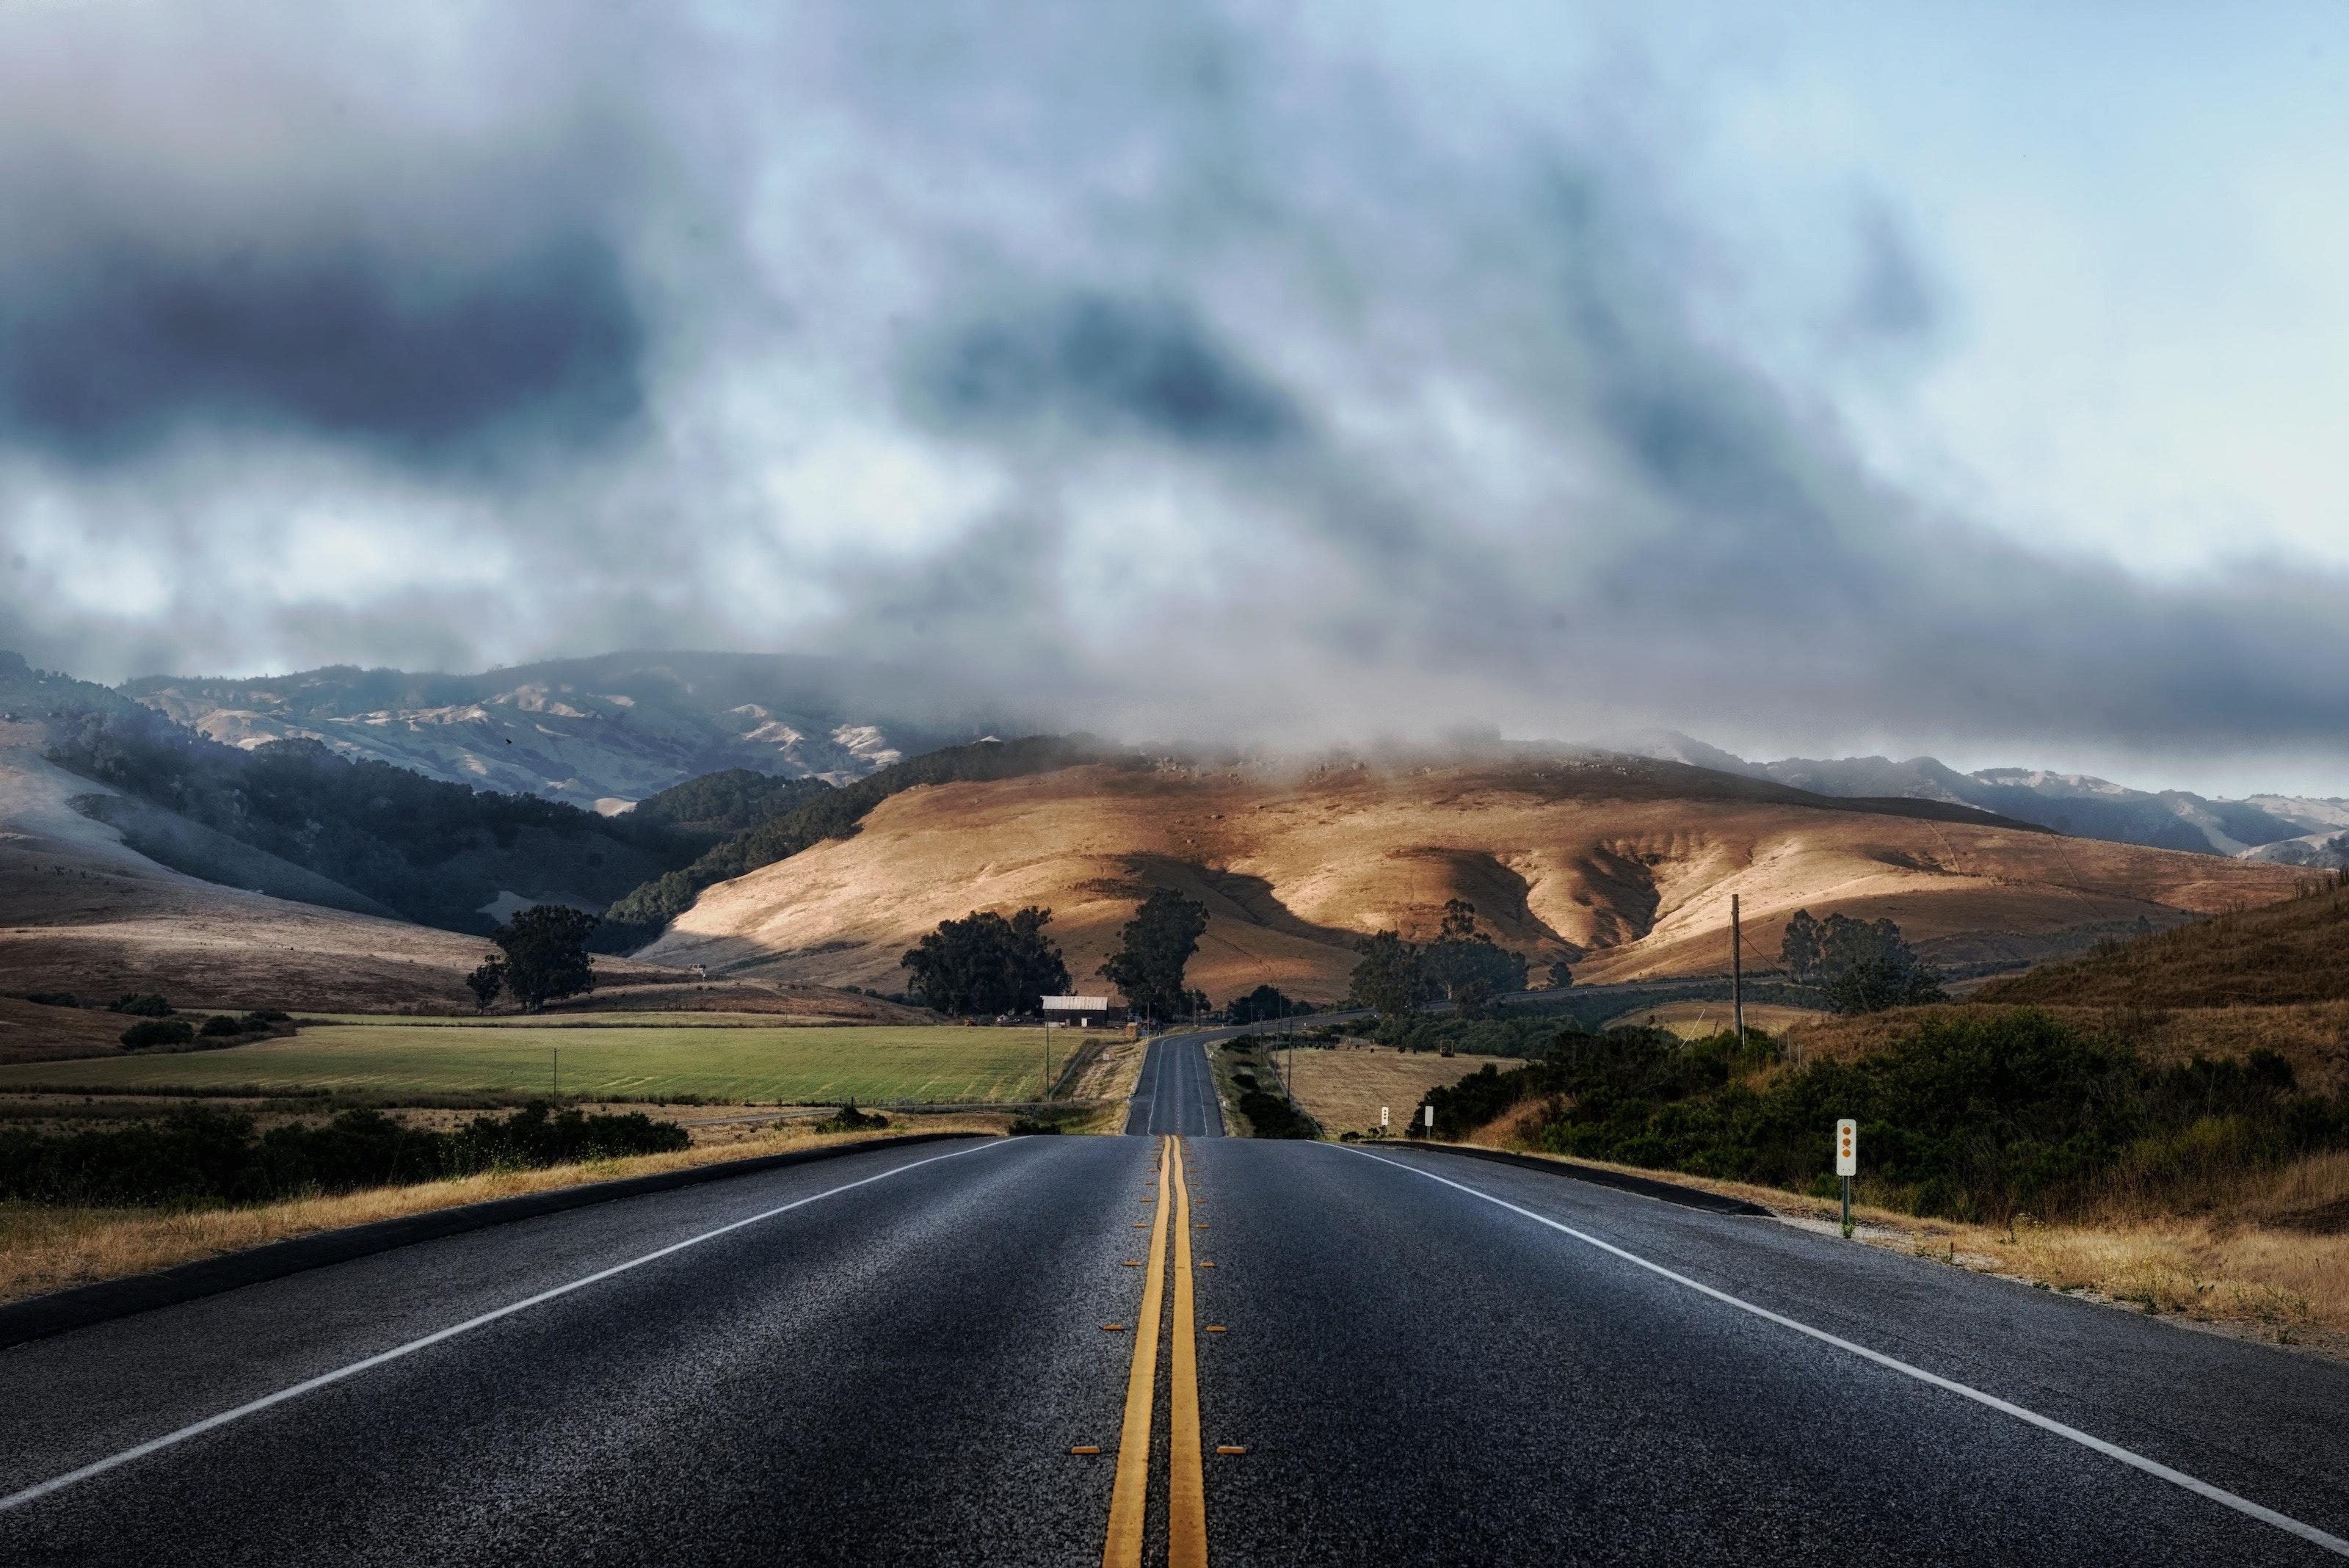 clouds-hills-landscape-63324